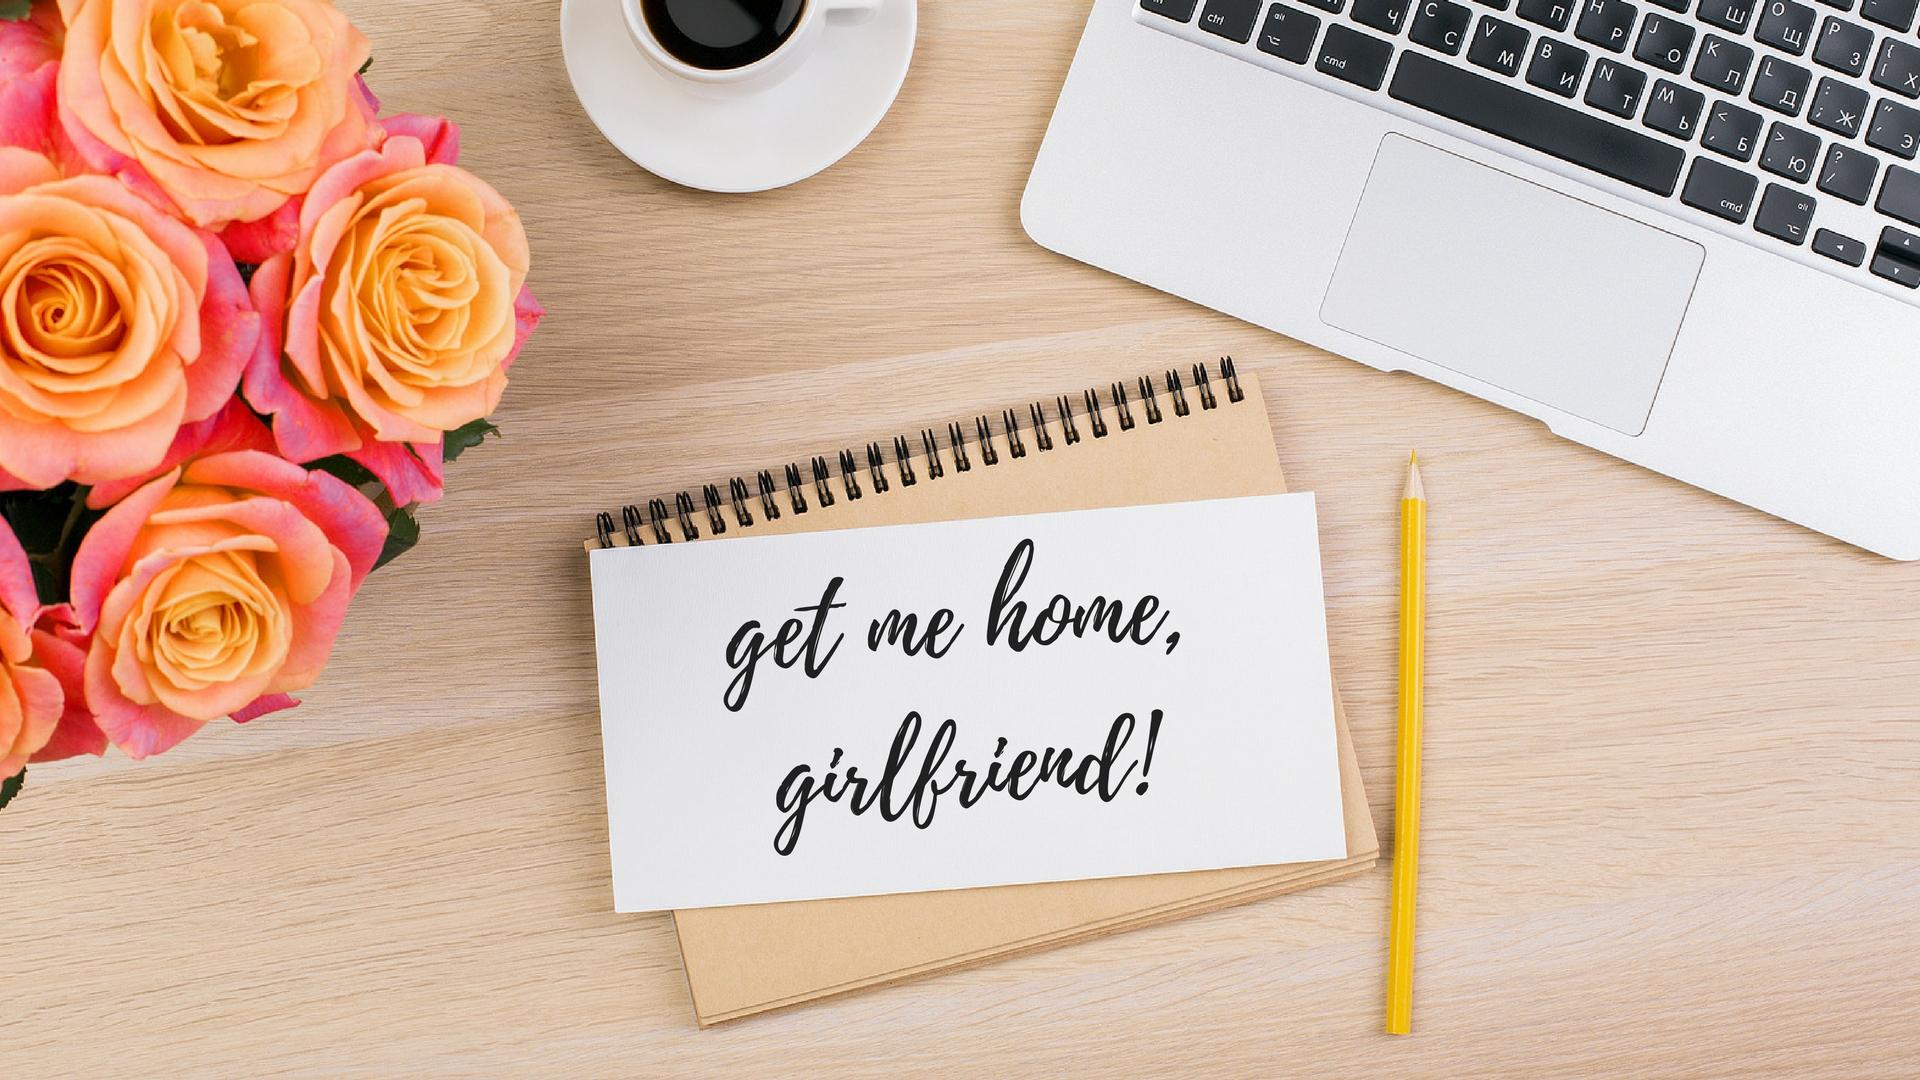 get me home,girlfriend!.jpg